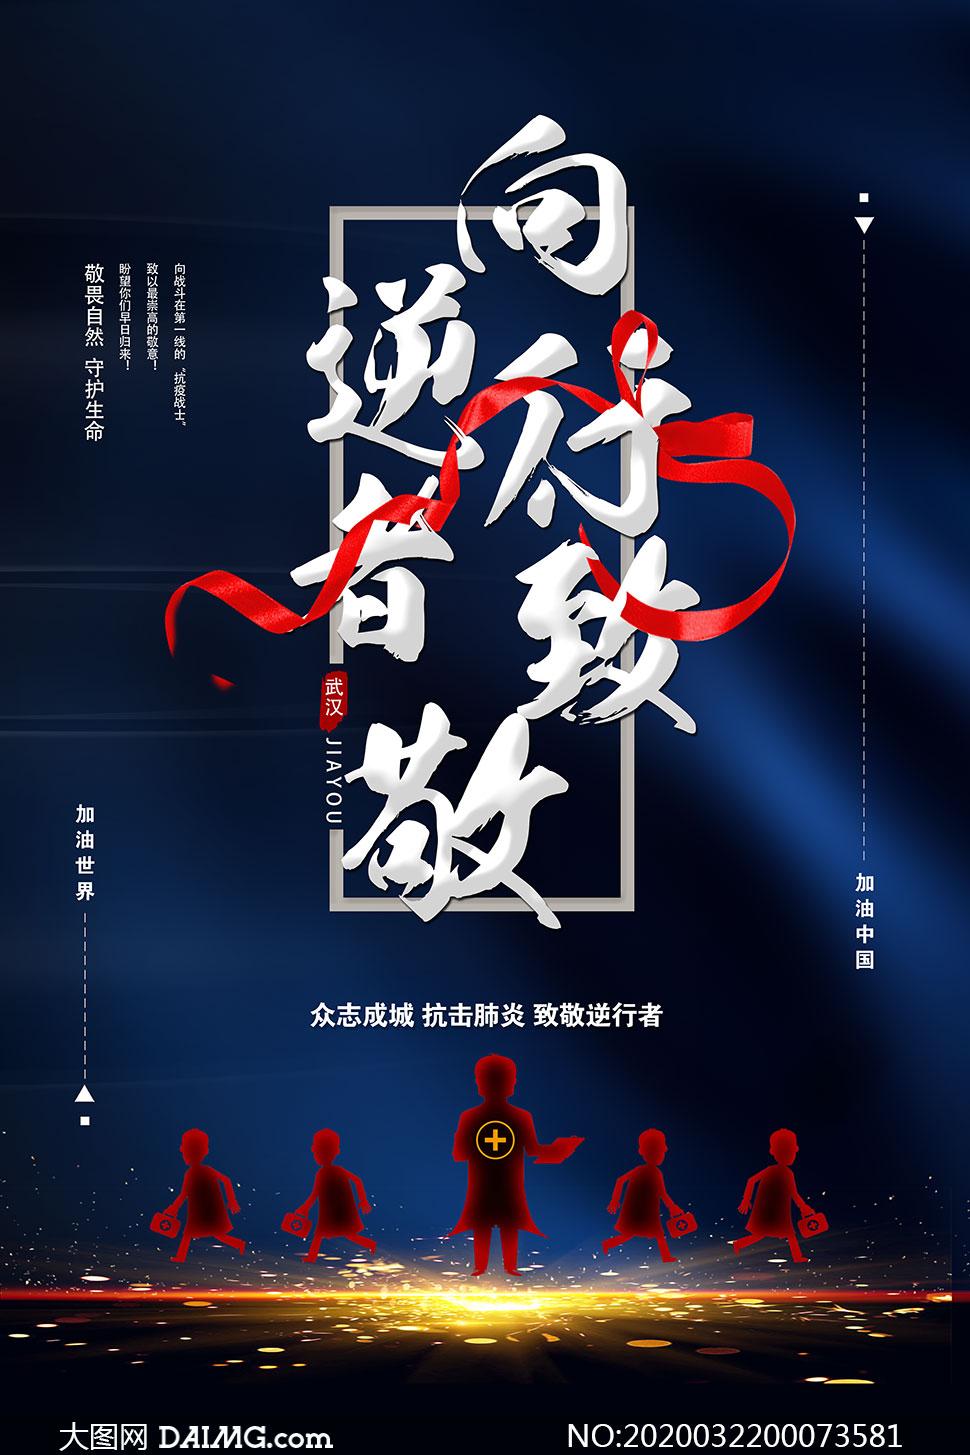 向逆行英雄致敬-作文_向逆行者致敬宣传海报设计PSD素材_大图网图片素材